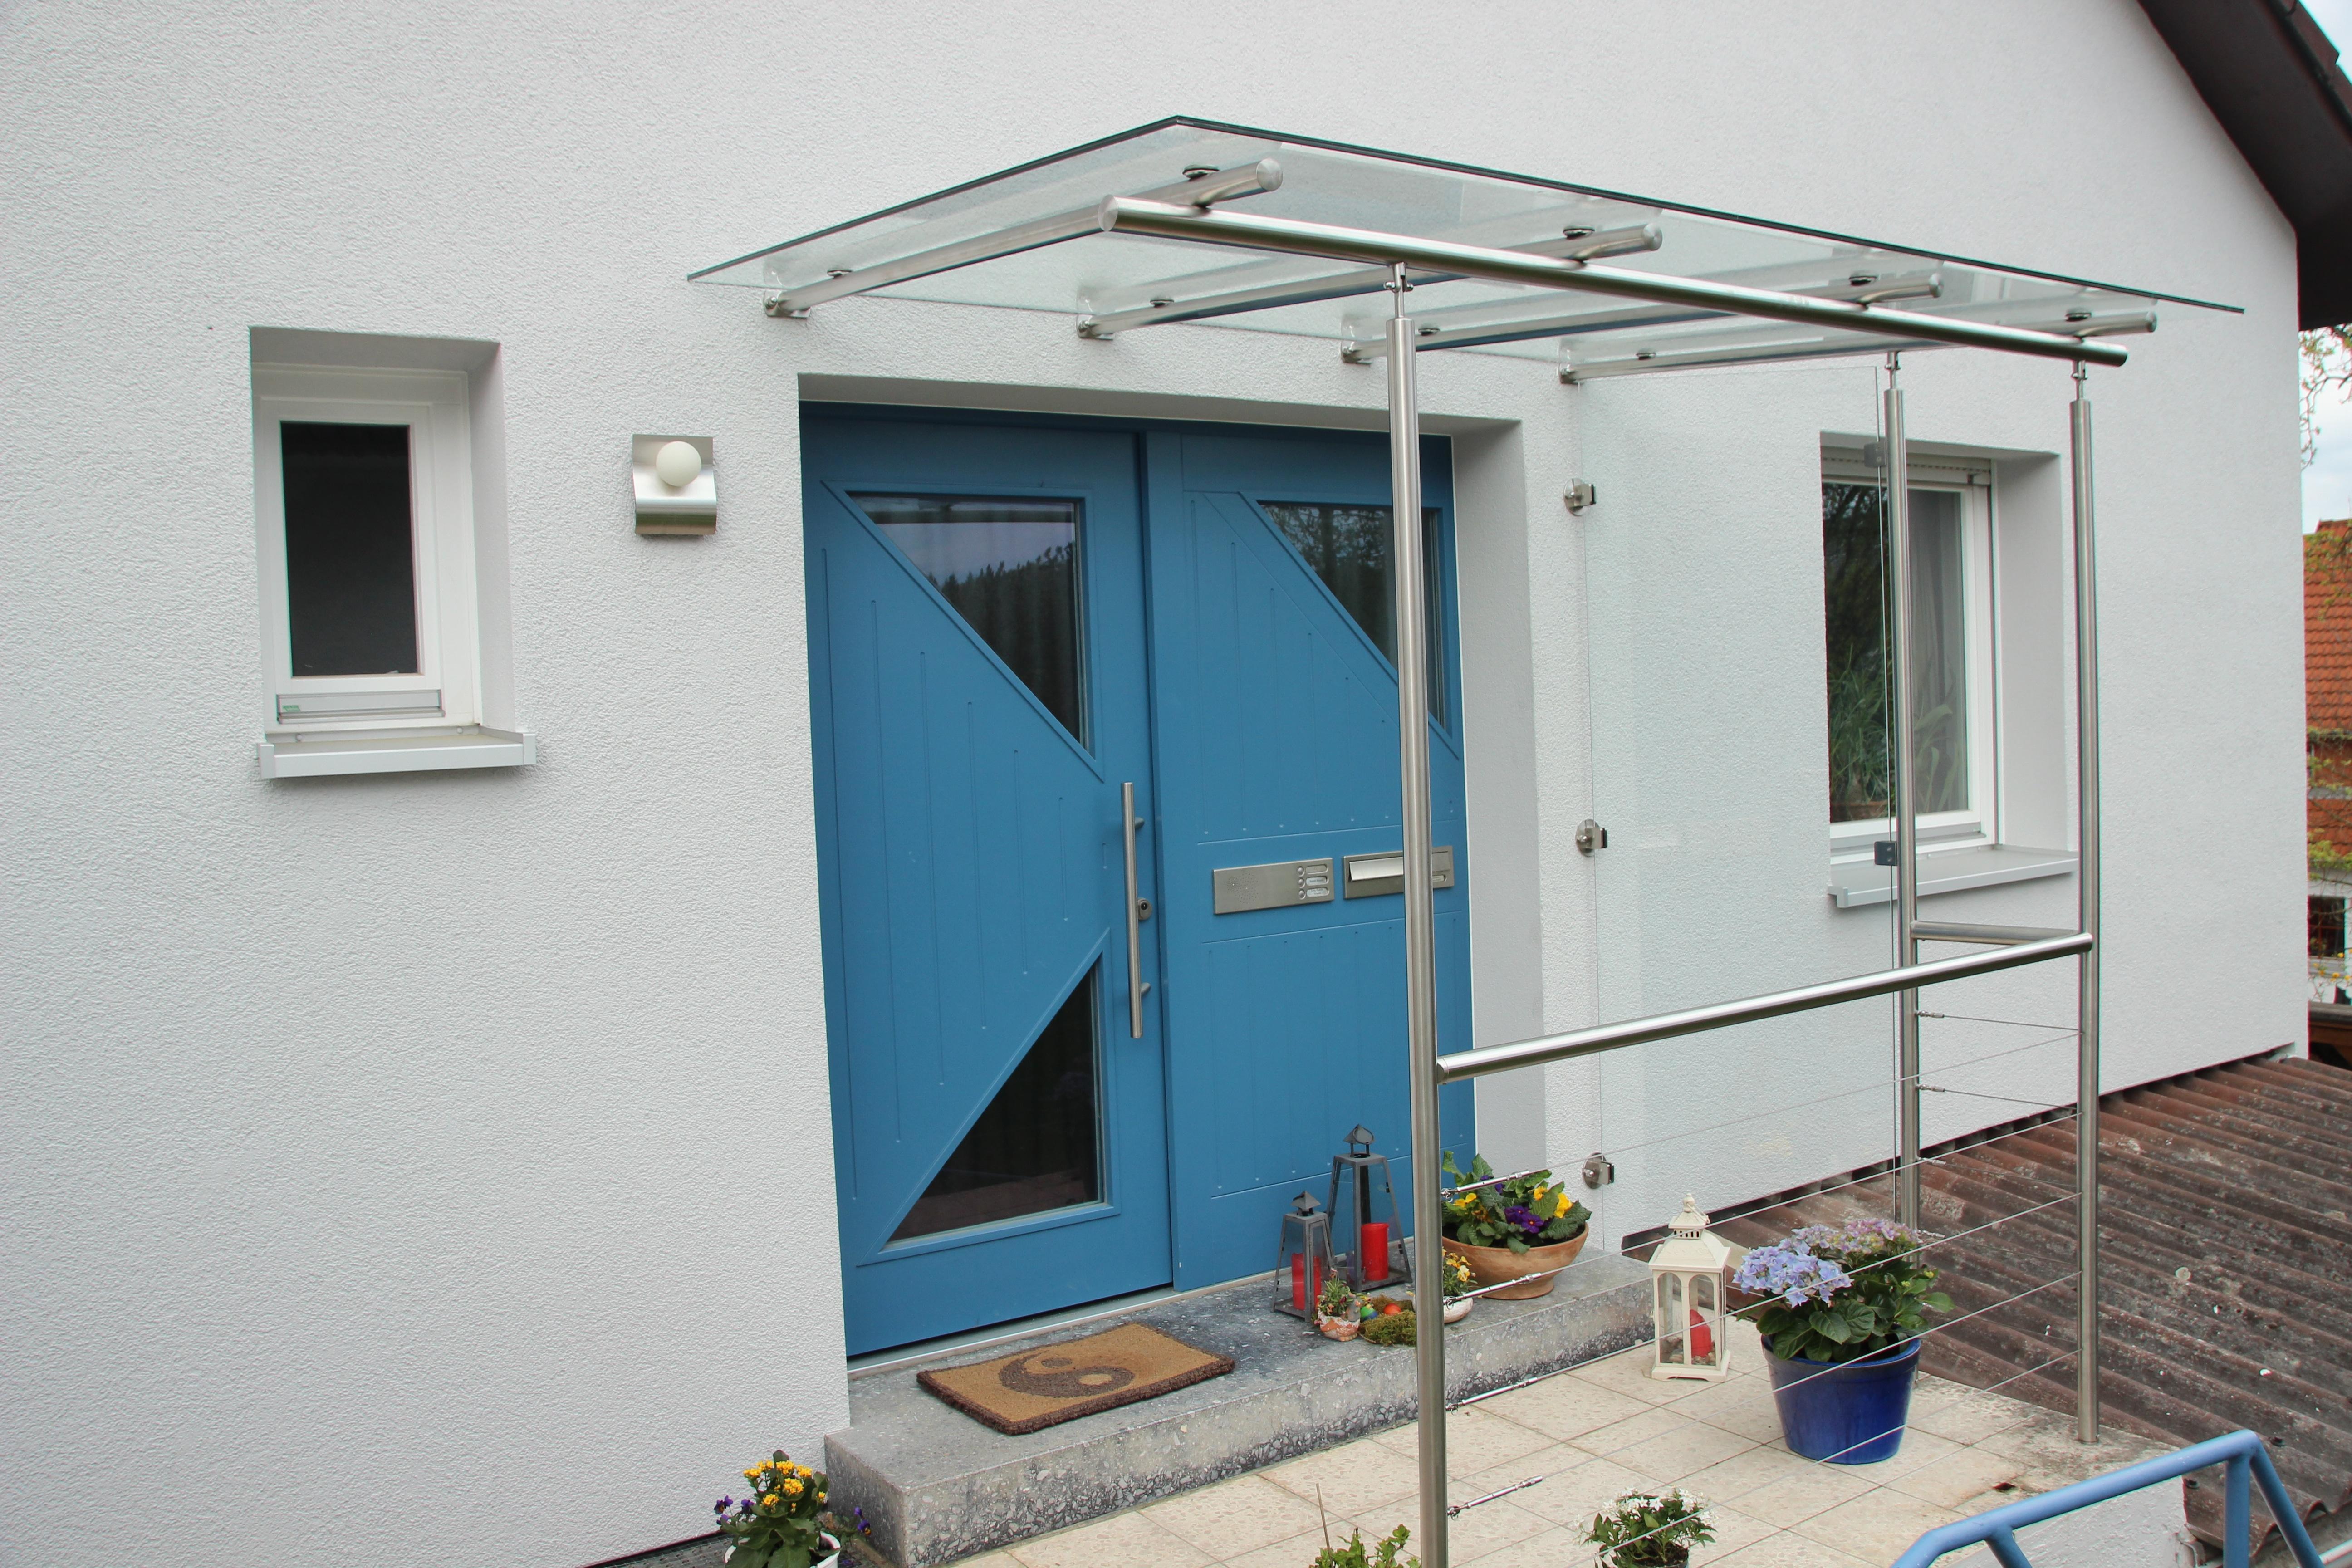 Vordach Glas Edelstahl Fur Hauseingang Lieber Gleich Richtig